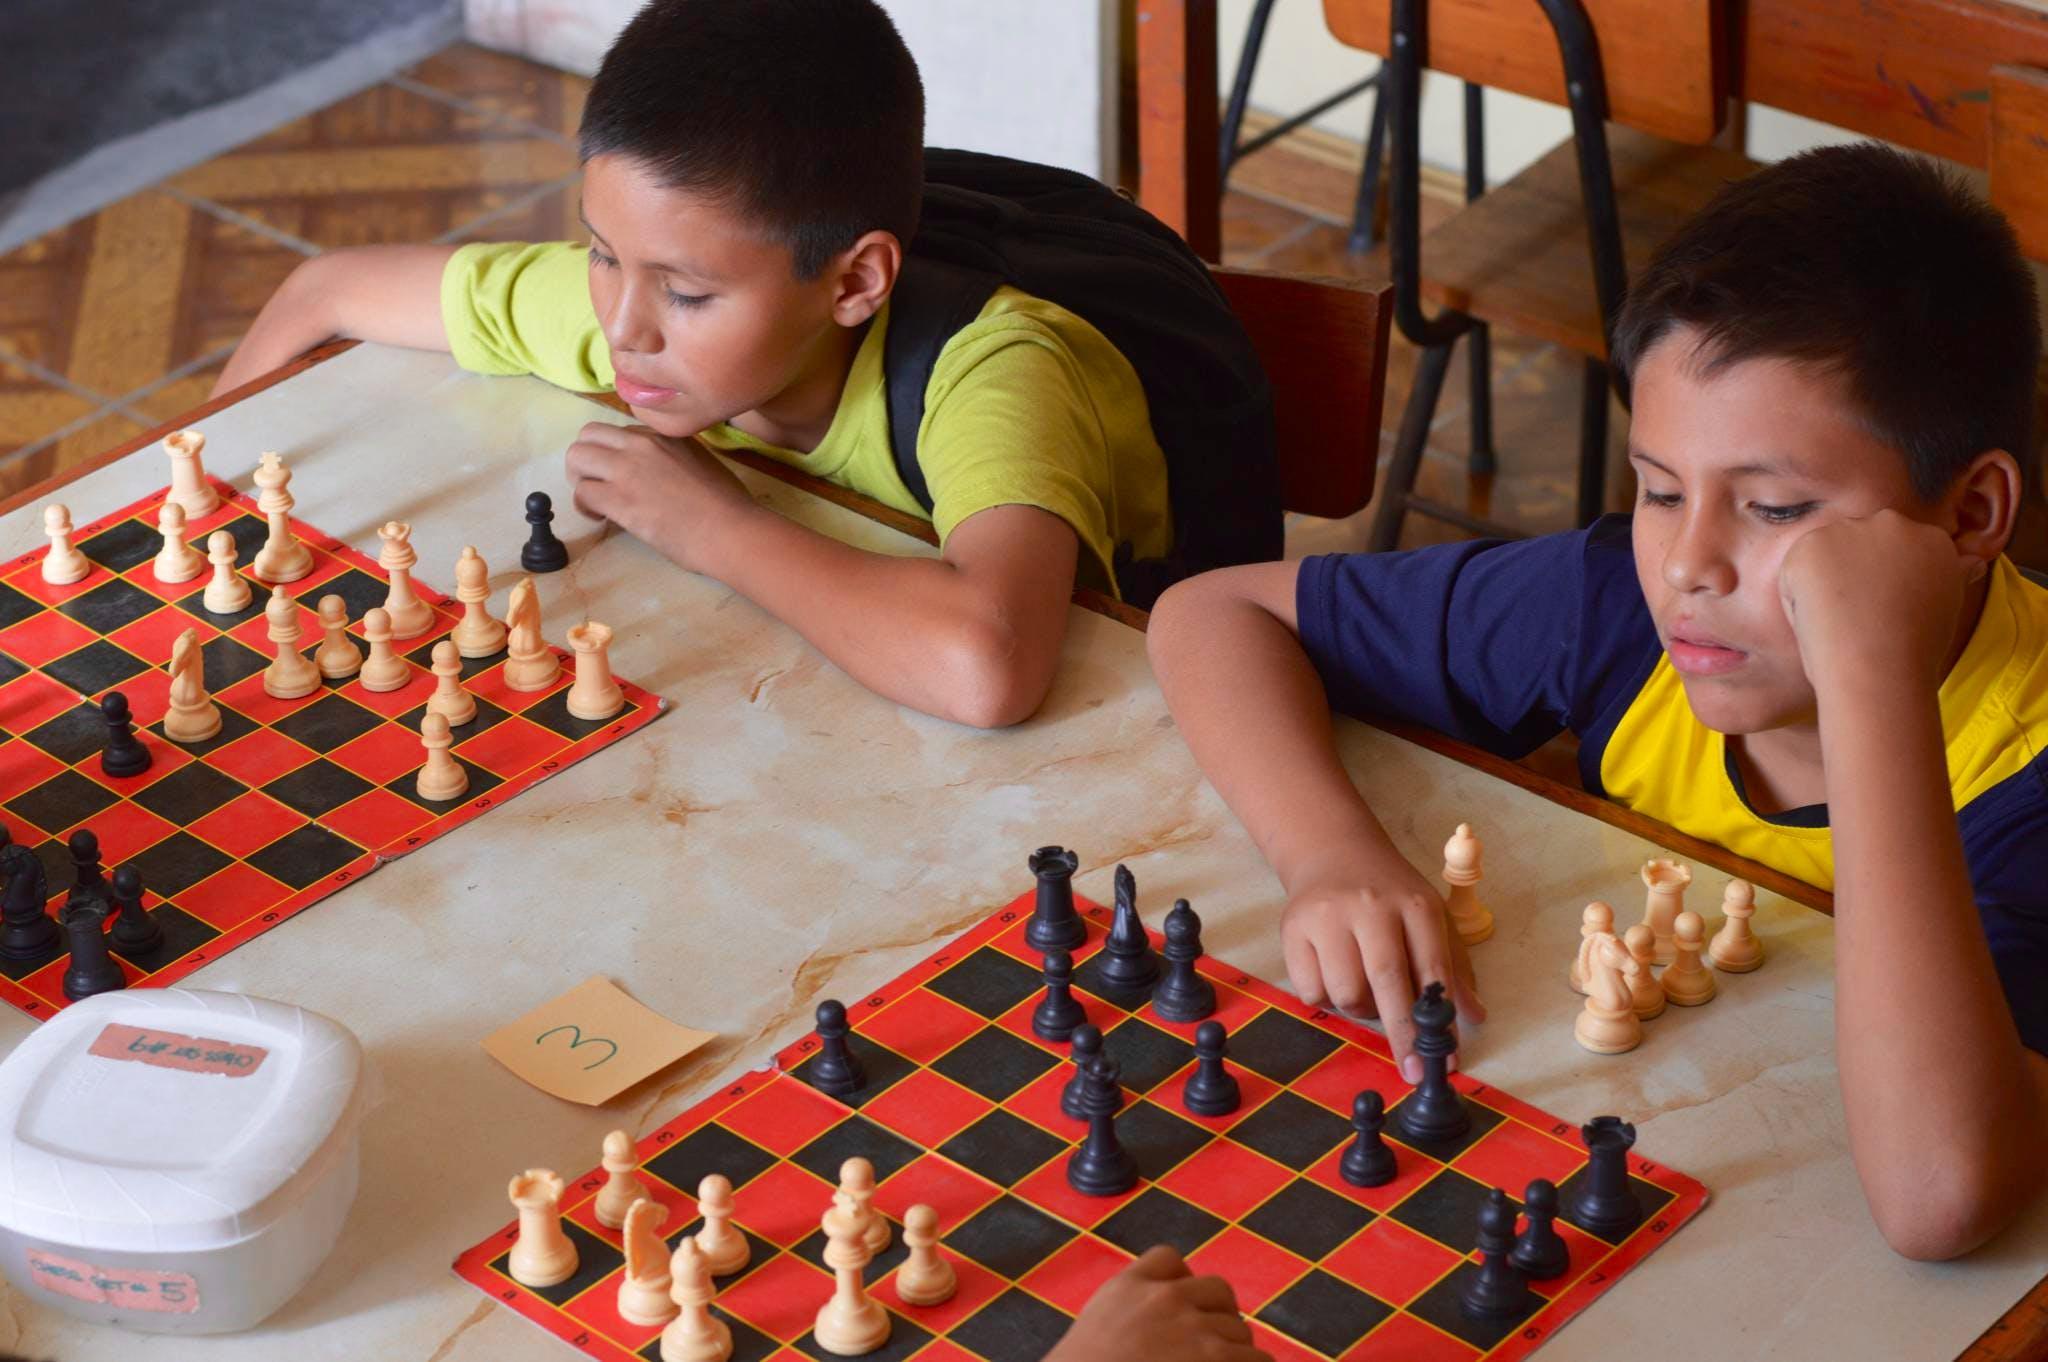 Teach Math and/or Chess